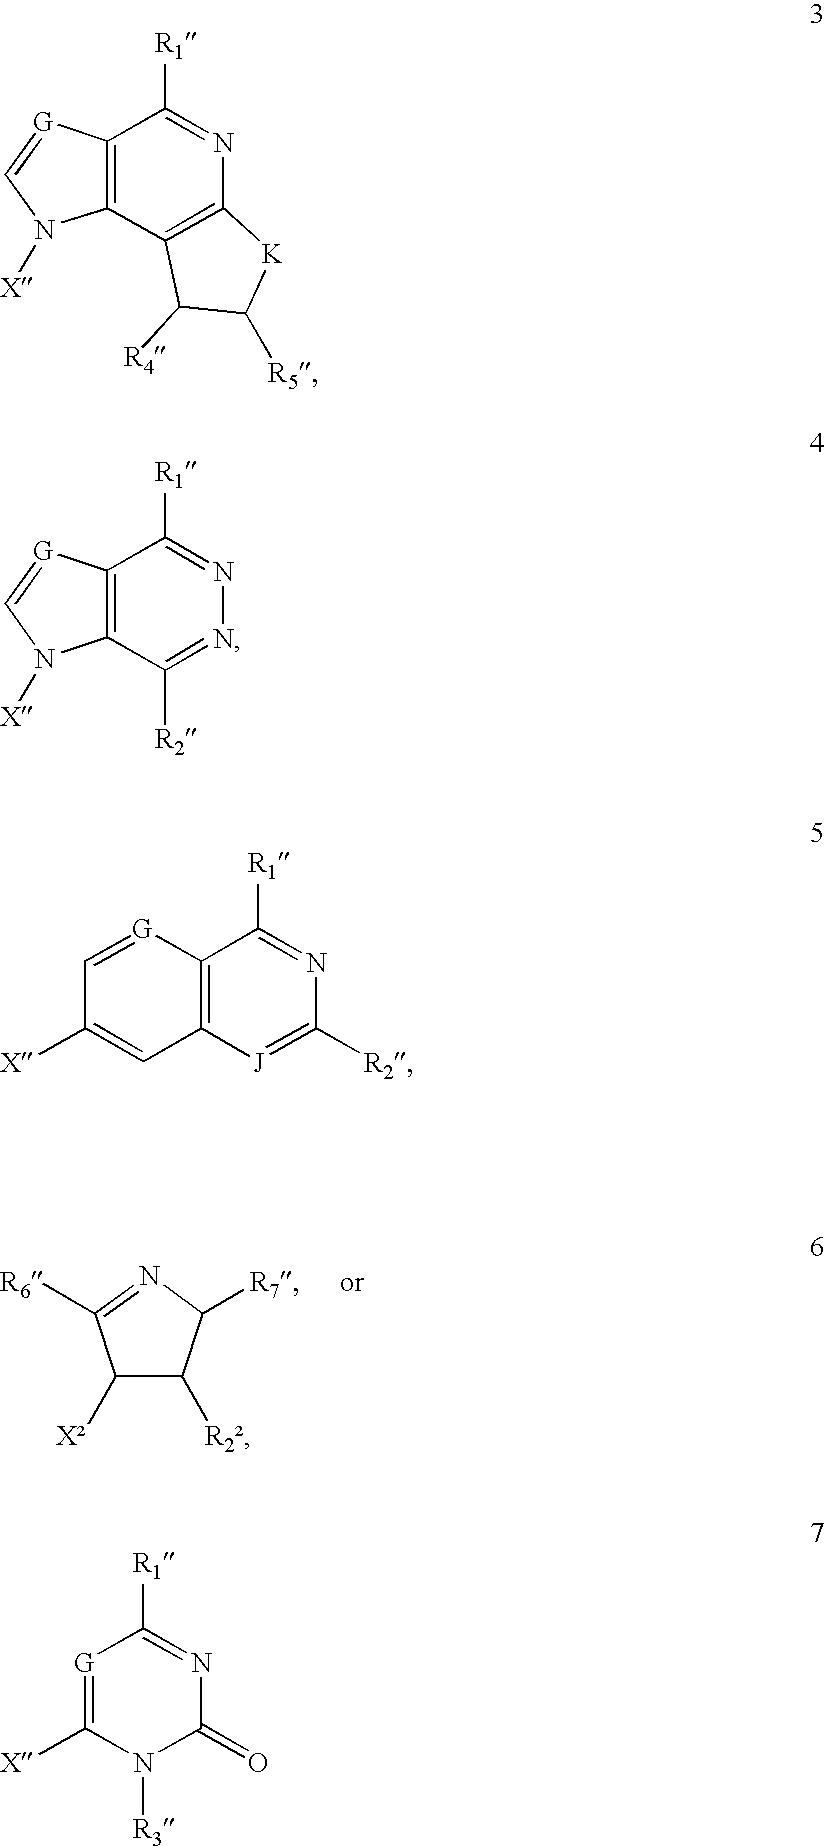 Figure US20040171031A1-20040902-C00019